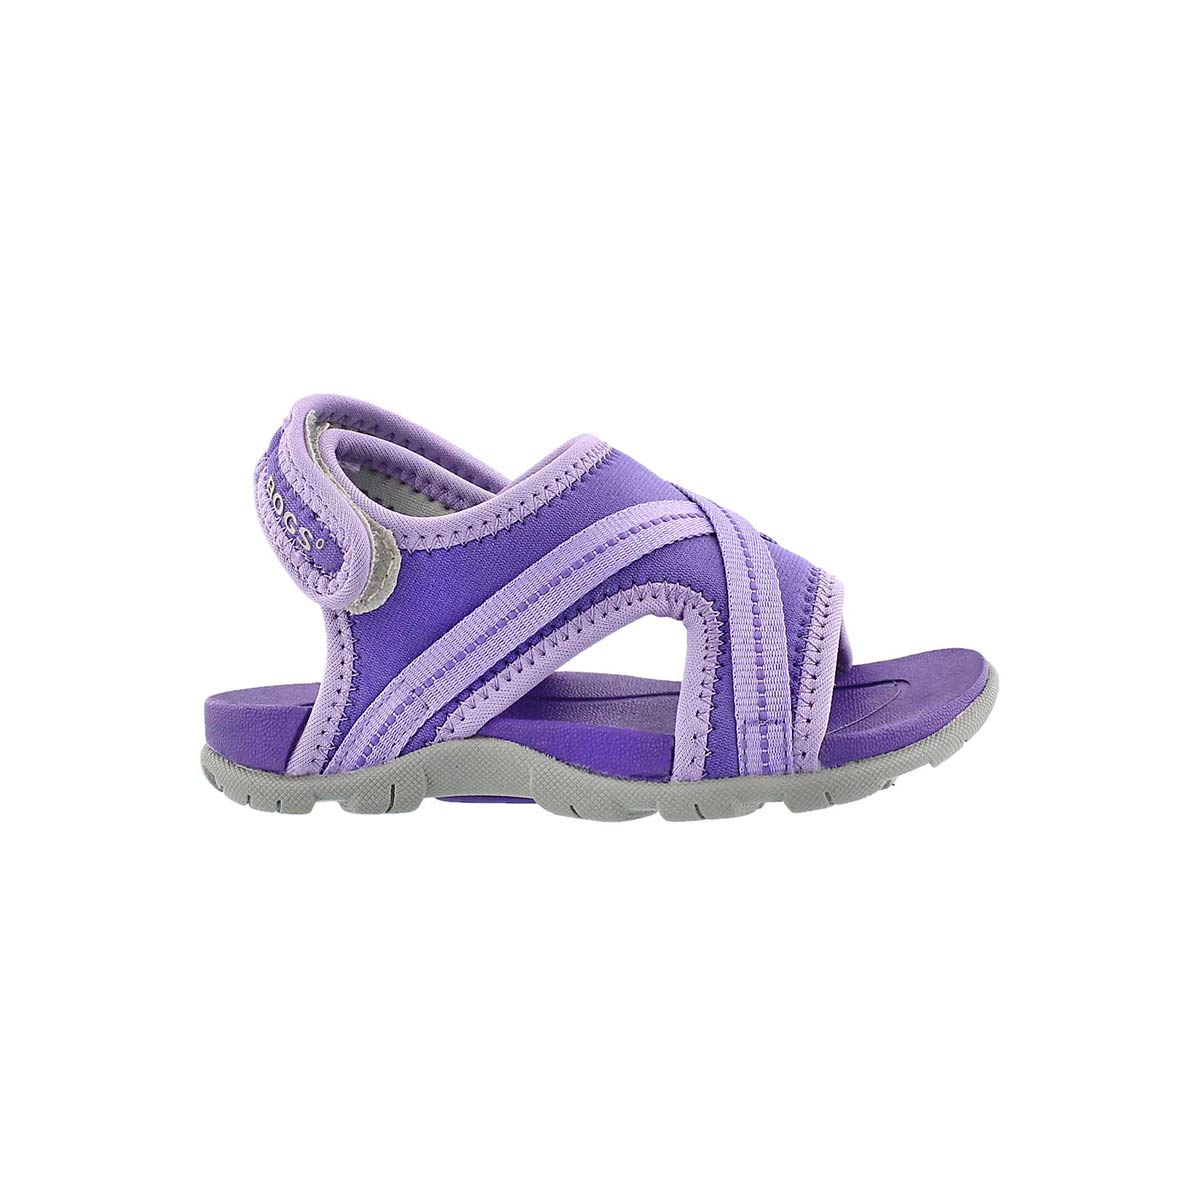 Inf Bluefish violet wtpf sport sandal